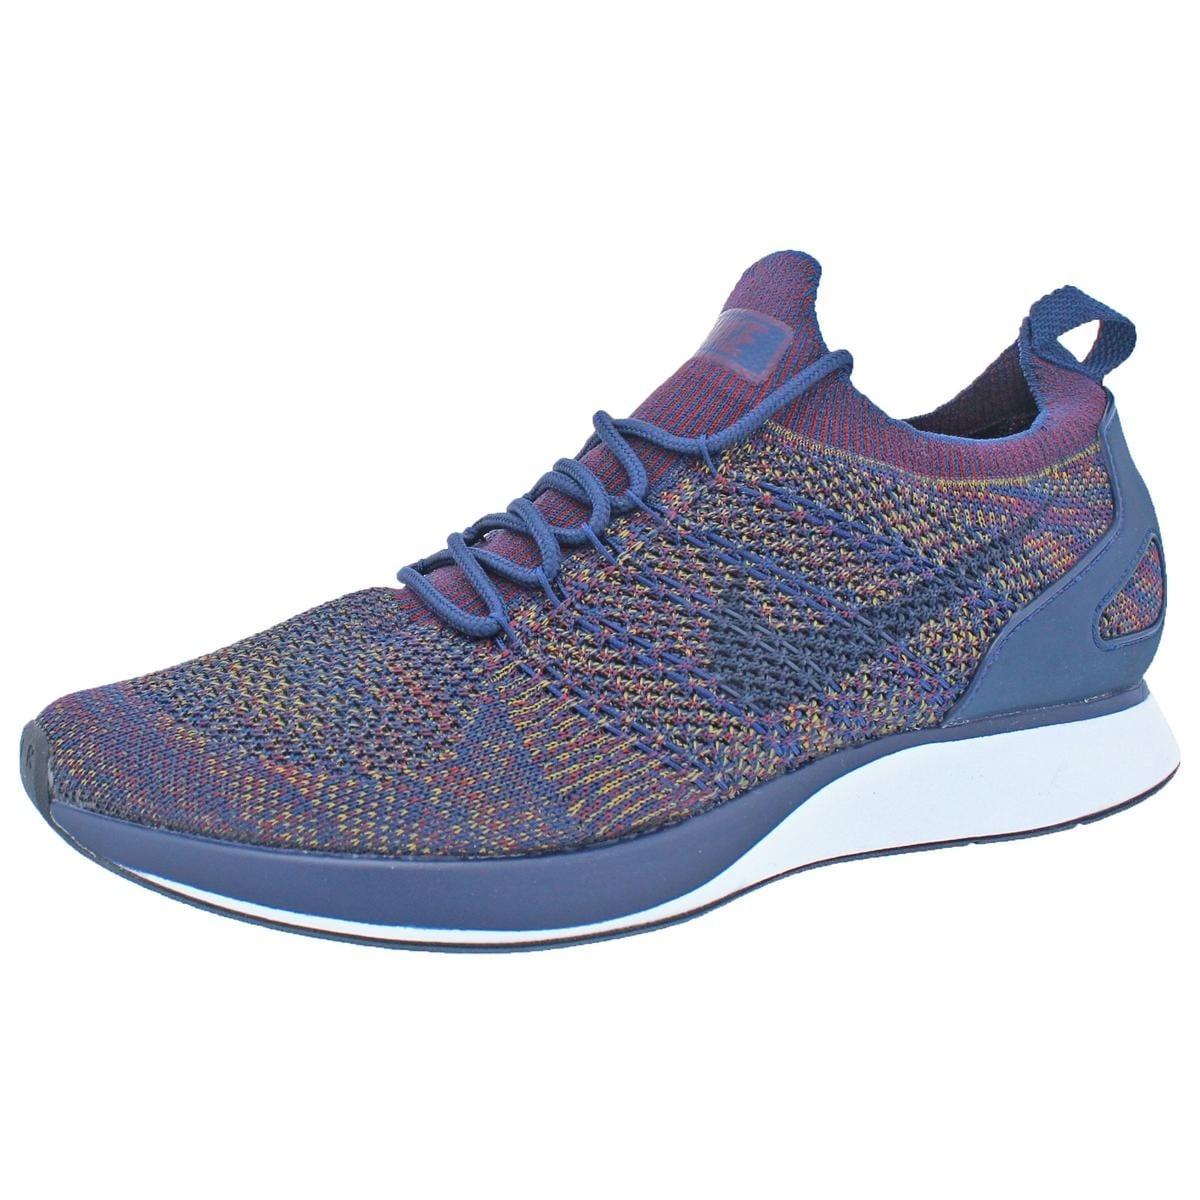 e2dd16d48dee Nike Mens Air Zoom Mariah Flyknit Racer Running Shoes Running Lightweight